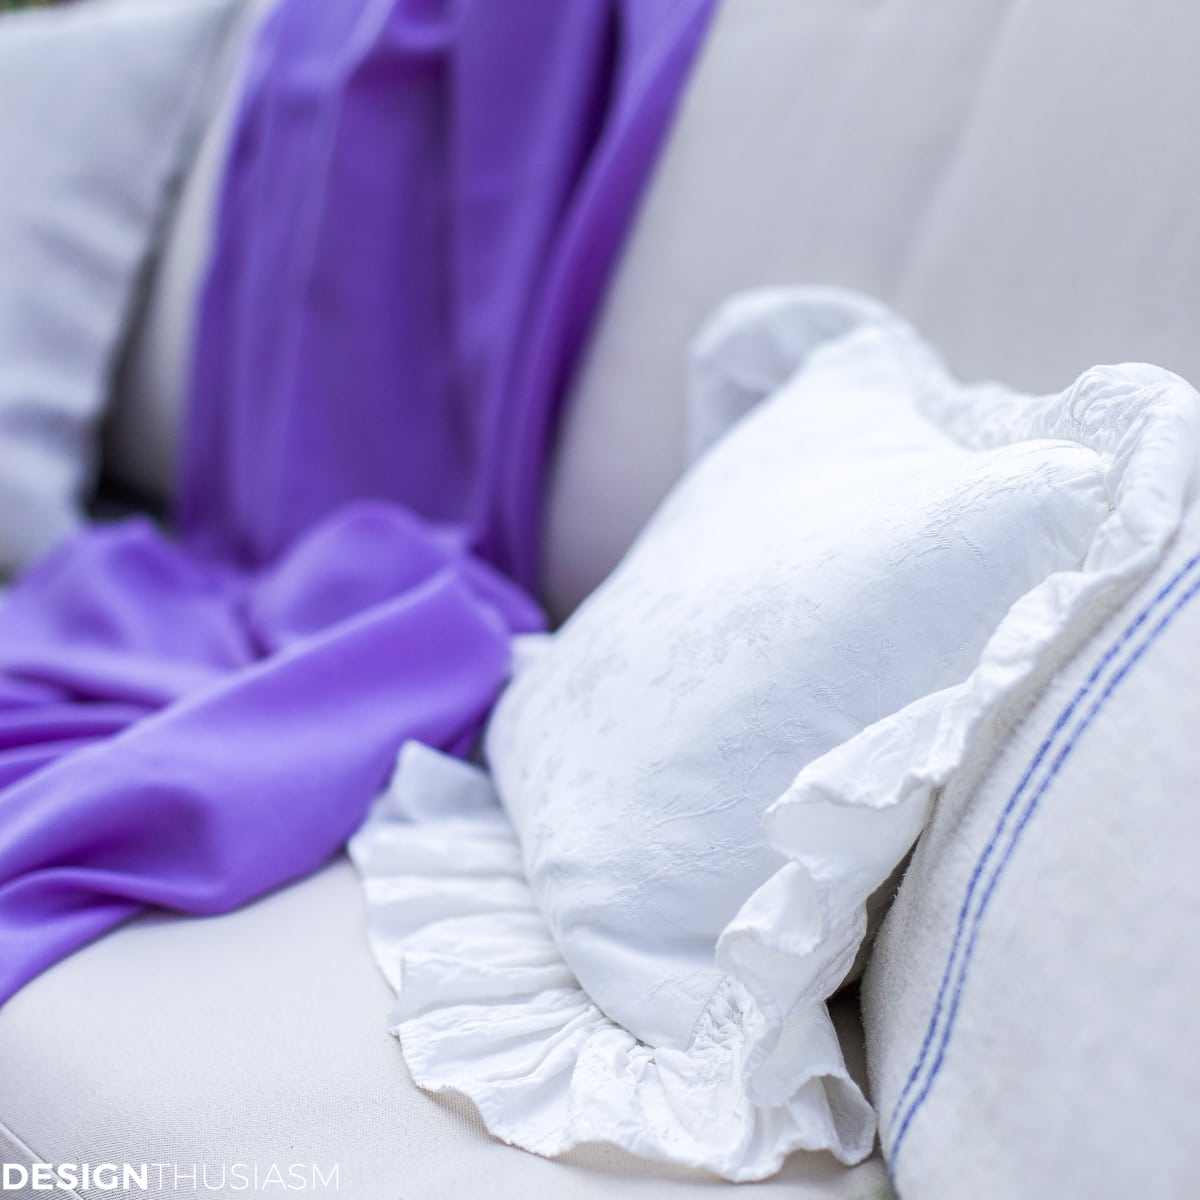 Patio decor throw with pillows